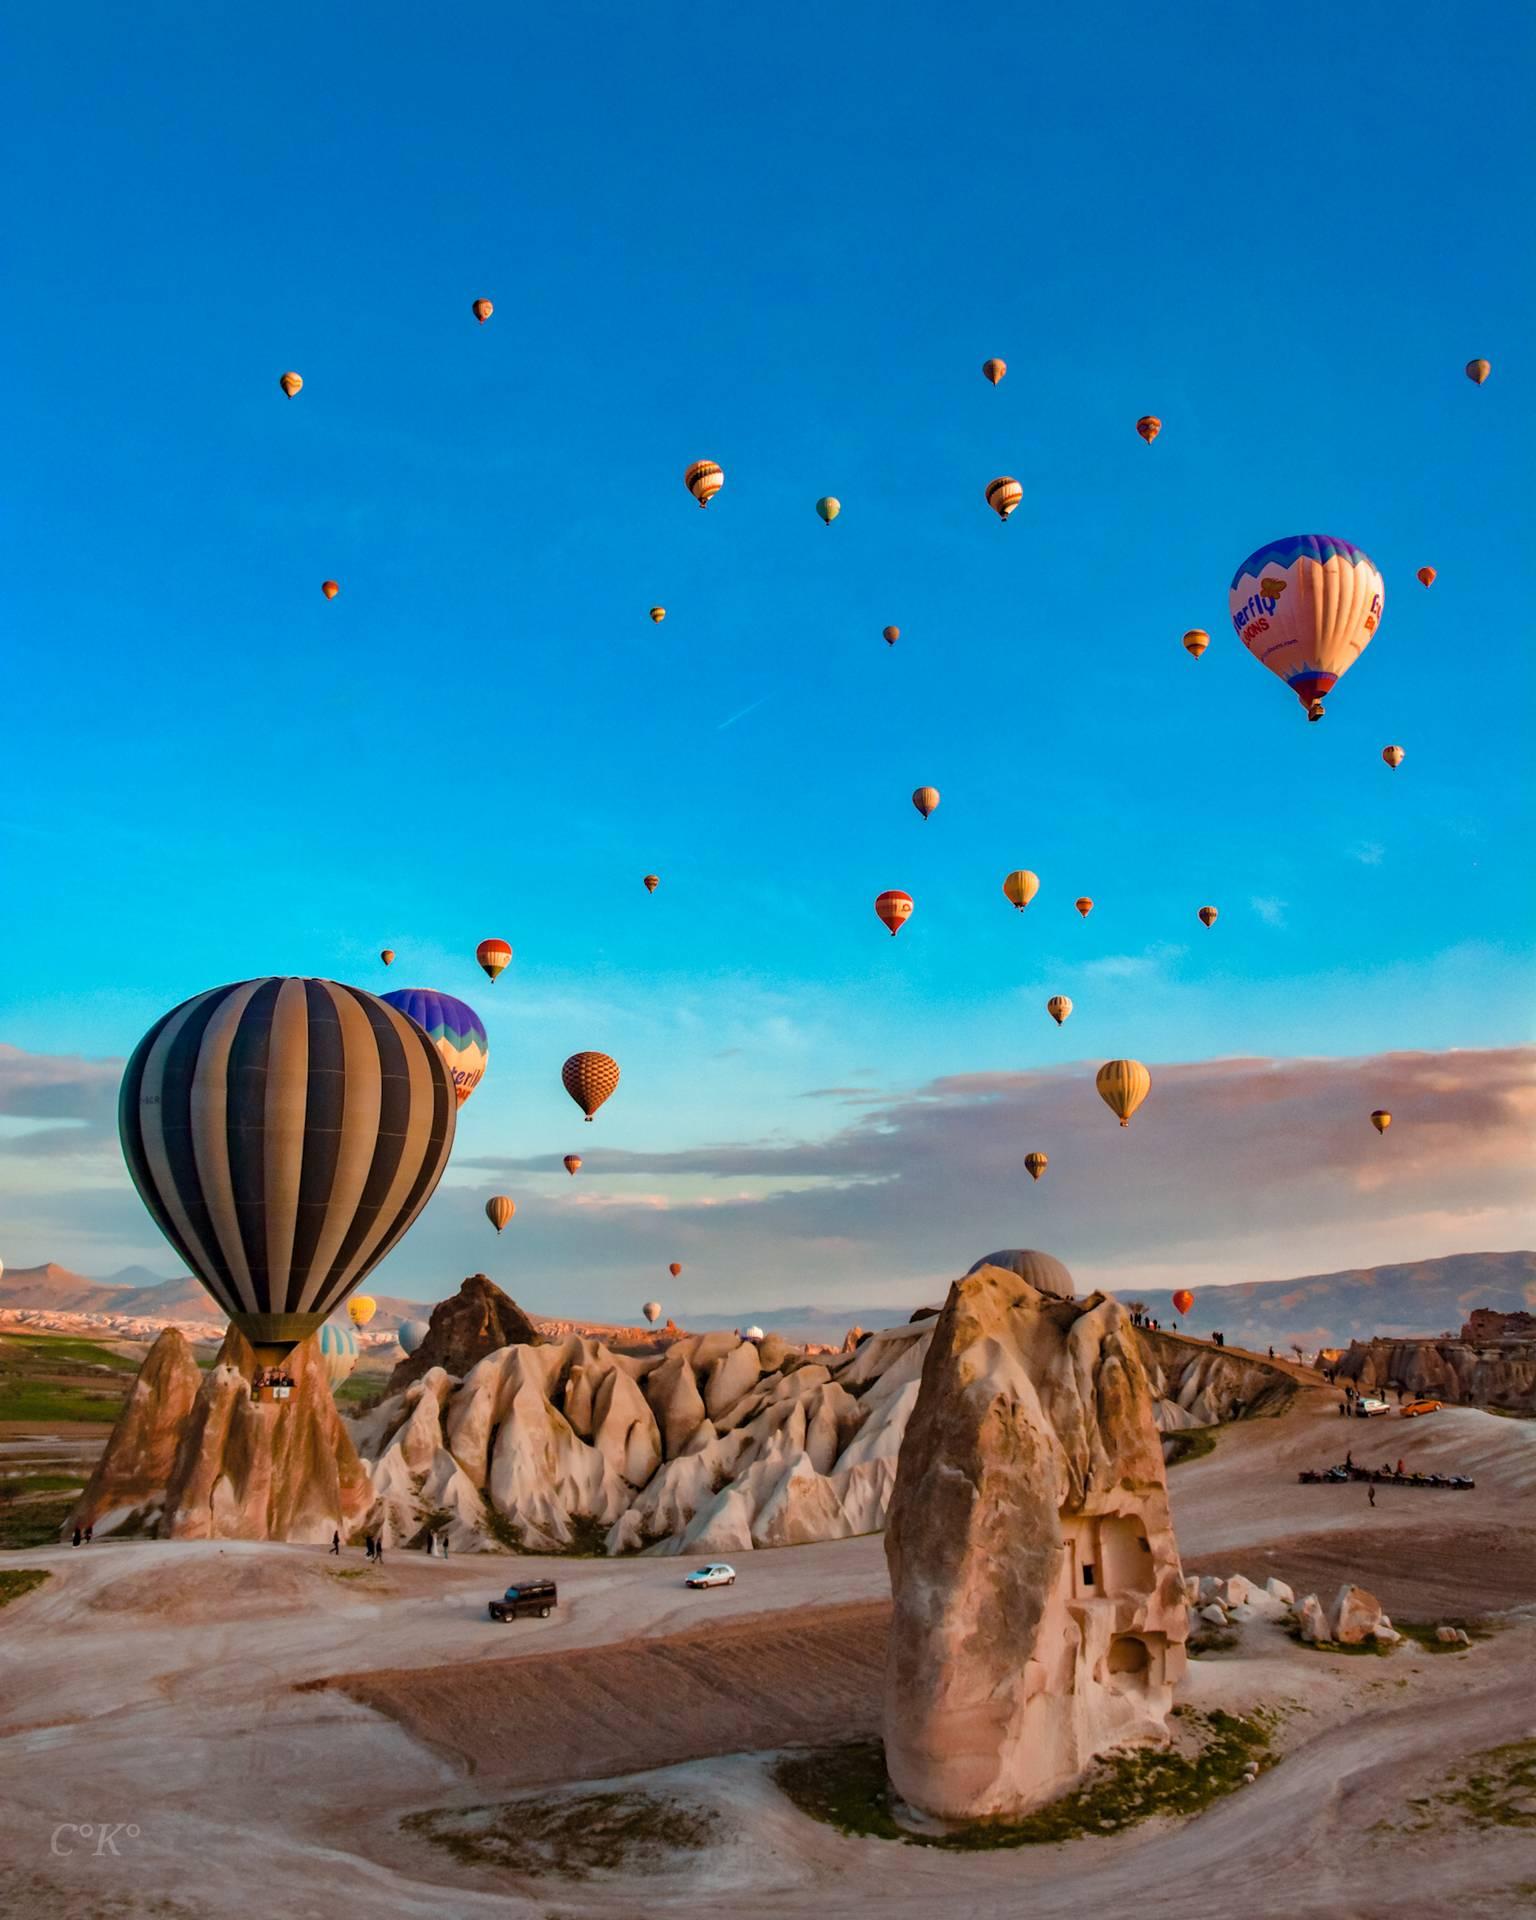 Cappadocia air hot balloons